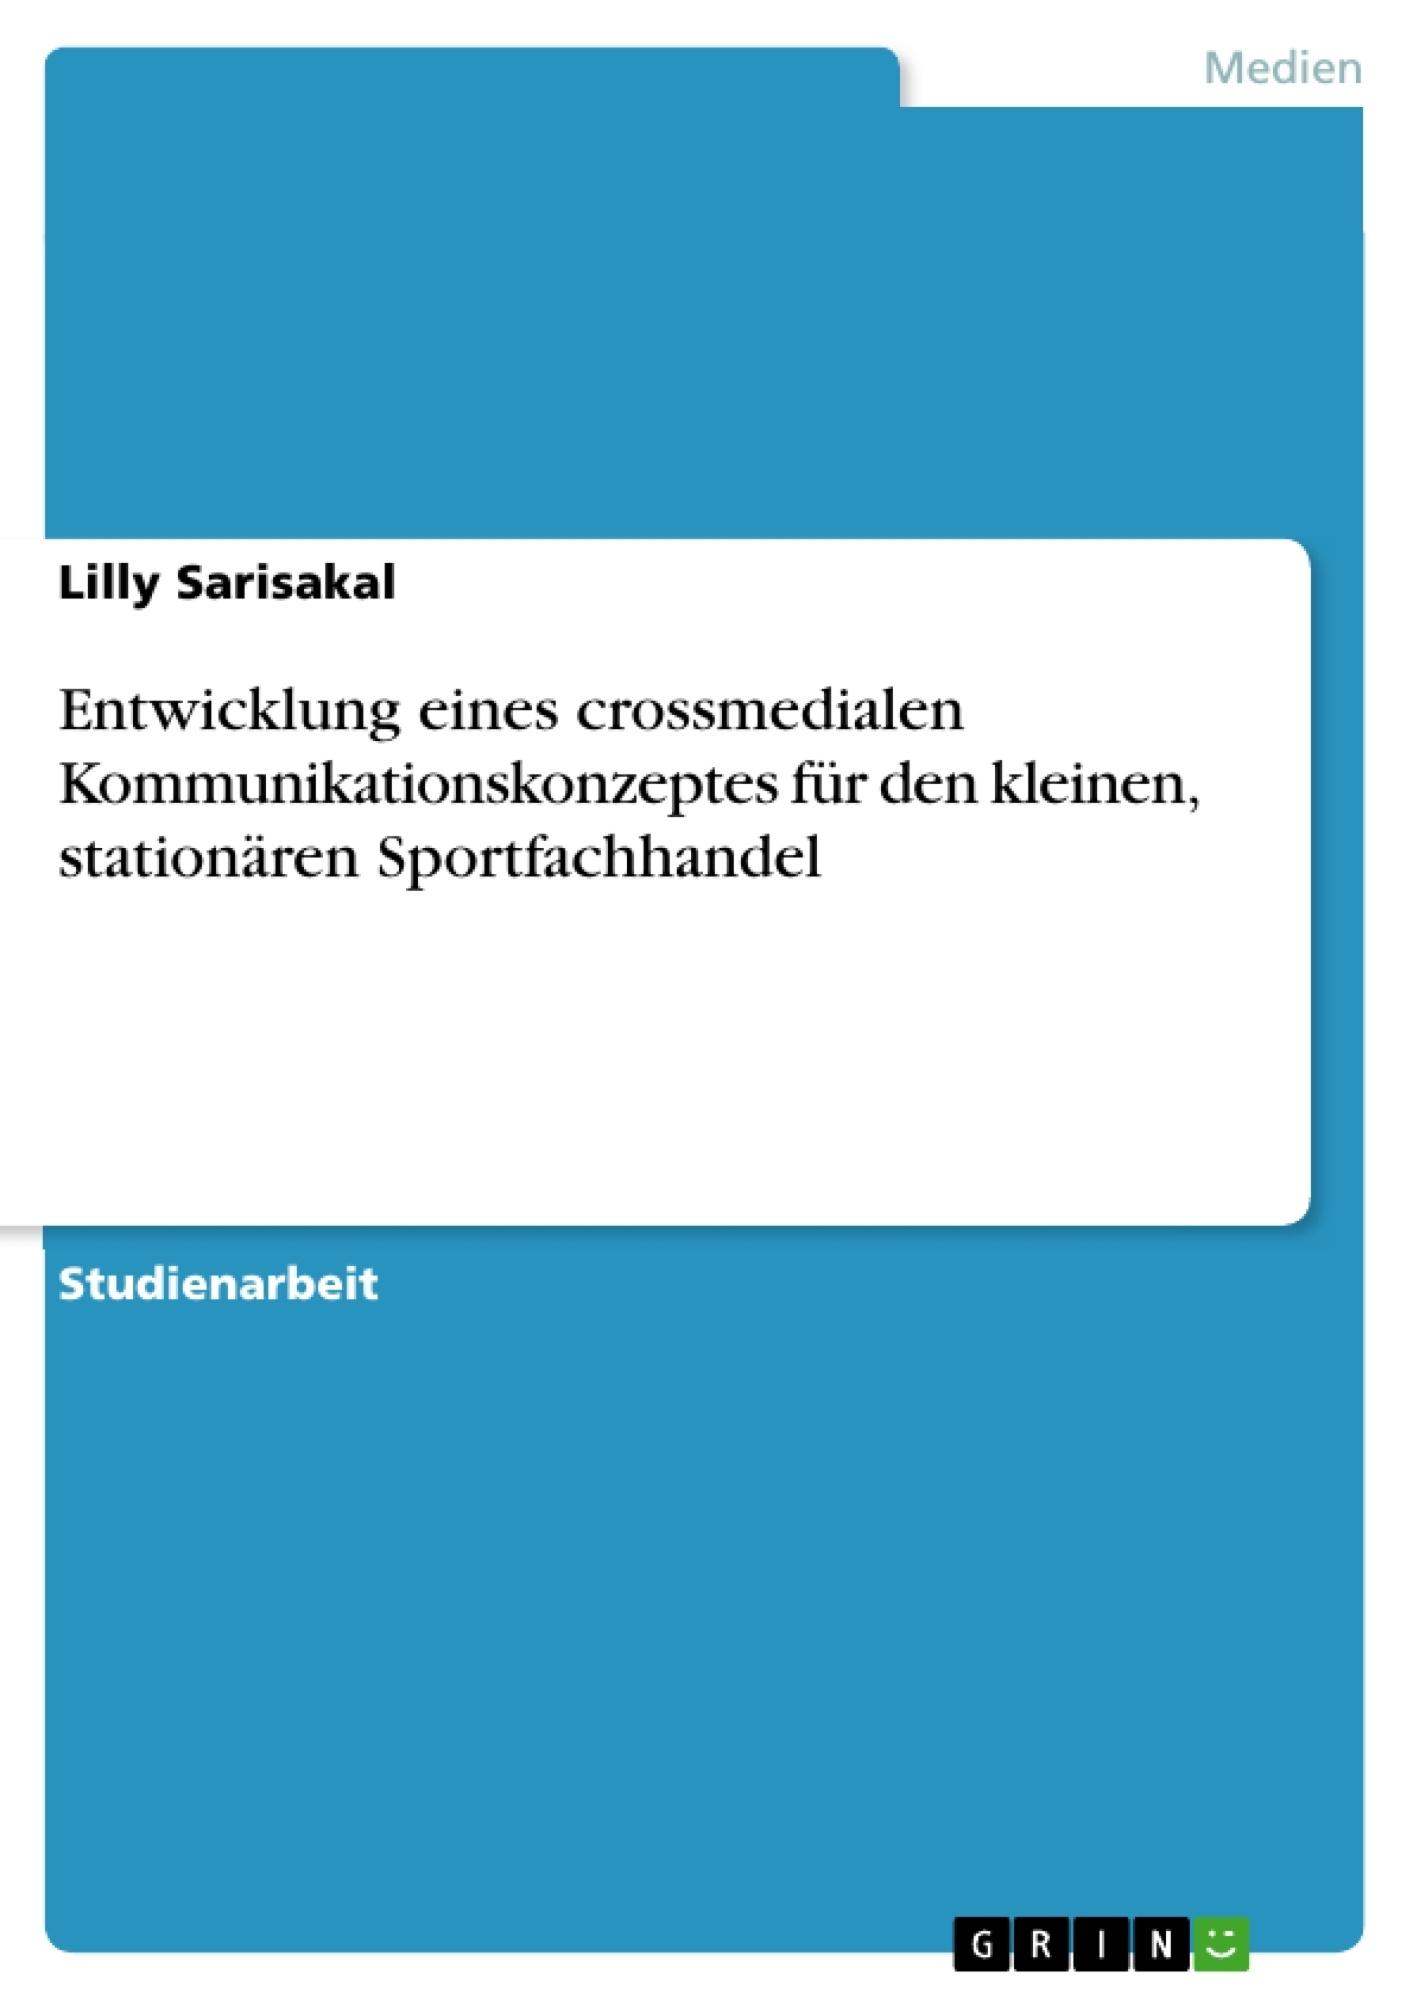 Titel: Entwicklung eines crossmedialen Kommunikationskonzeptes für den kleinen, stationären Sportfachhandel